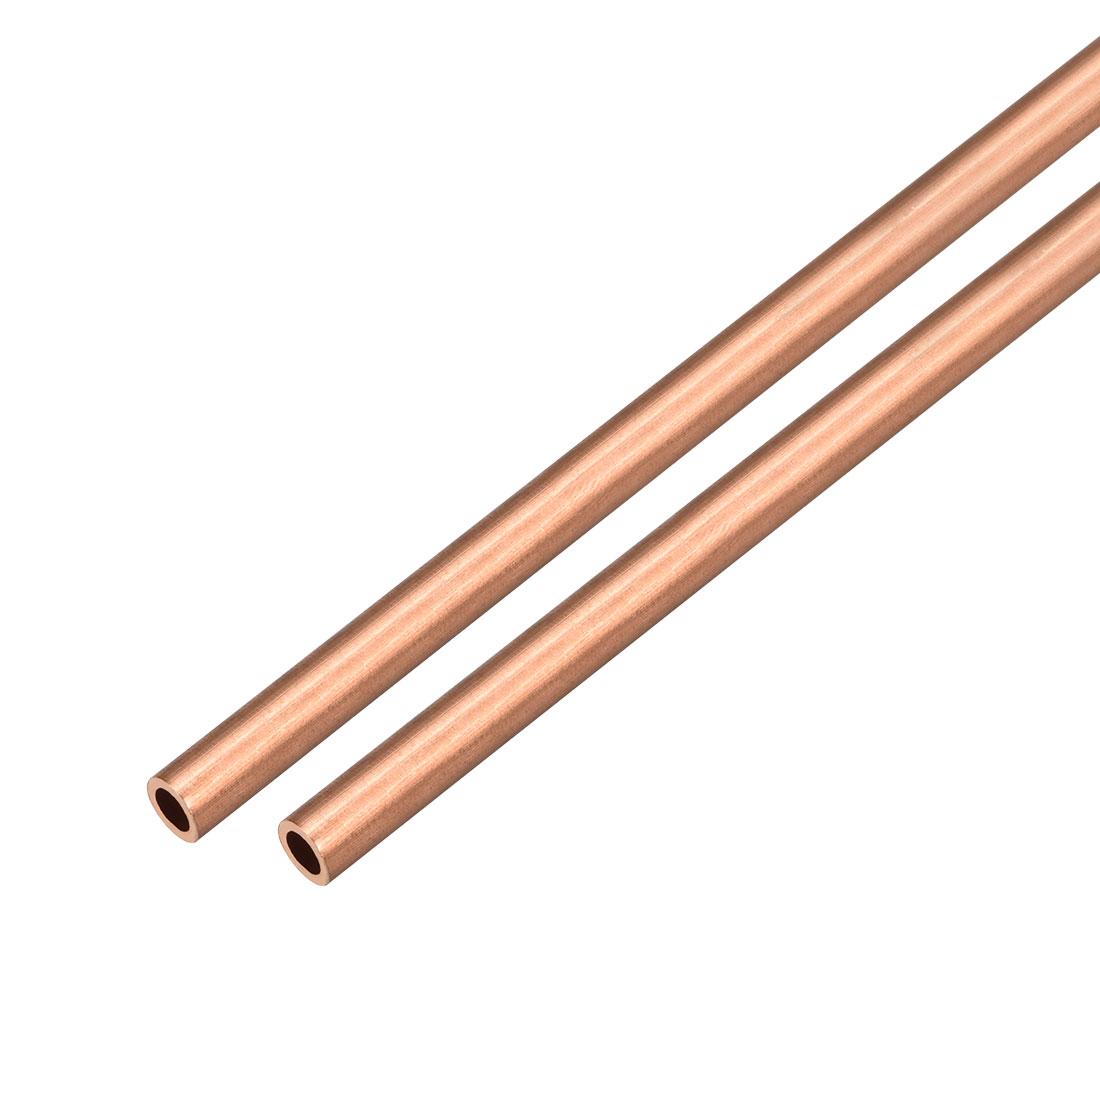 2Pcs 6mm Outside Diameter x 3mm Inside Diameter 500mm Copper Round Tube Pipe